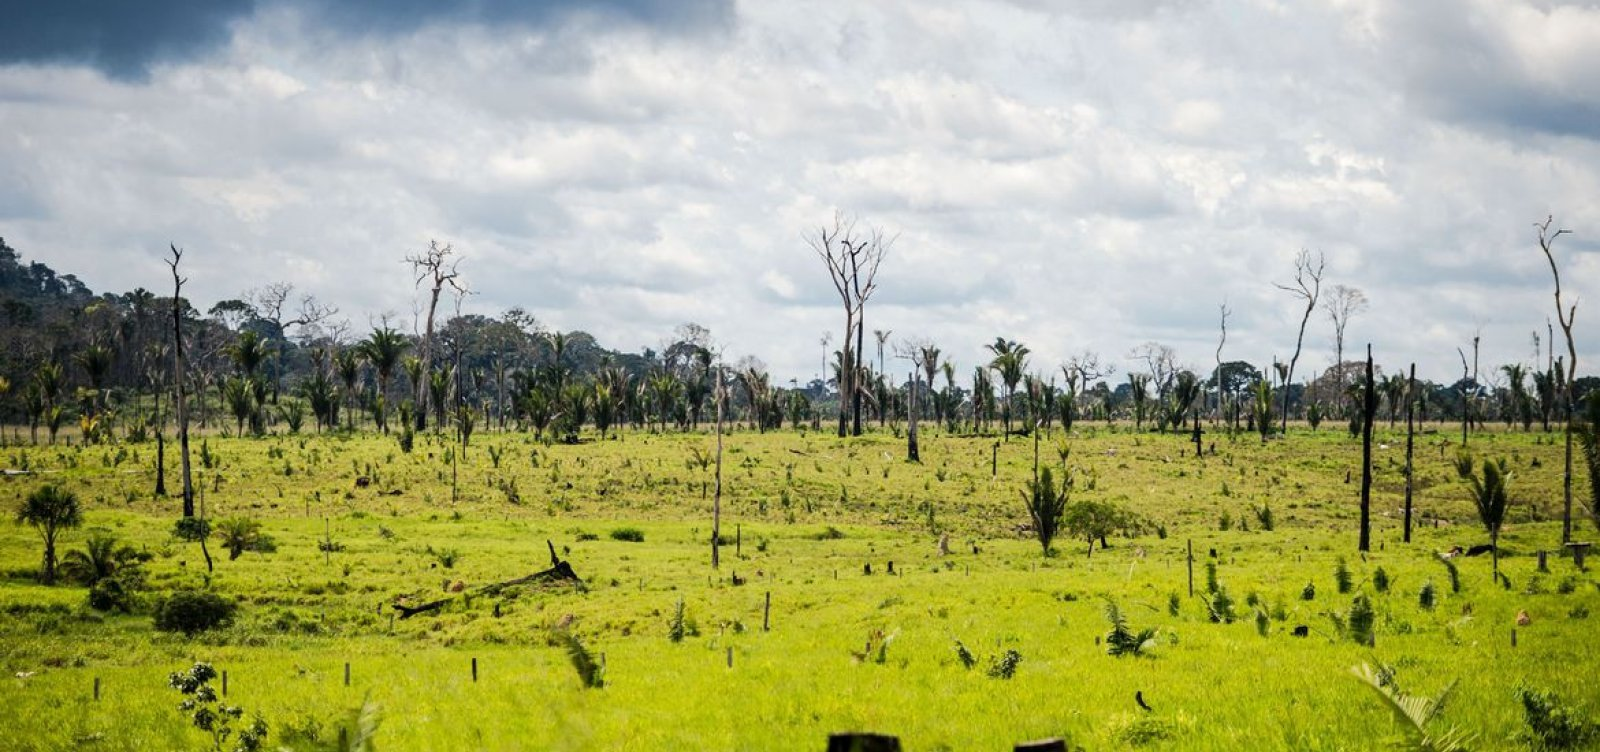 [Governo prorroga decreto para proteção da Amazônia por mais um mês]